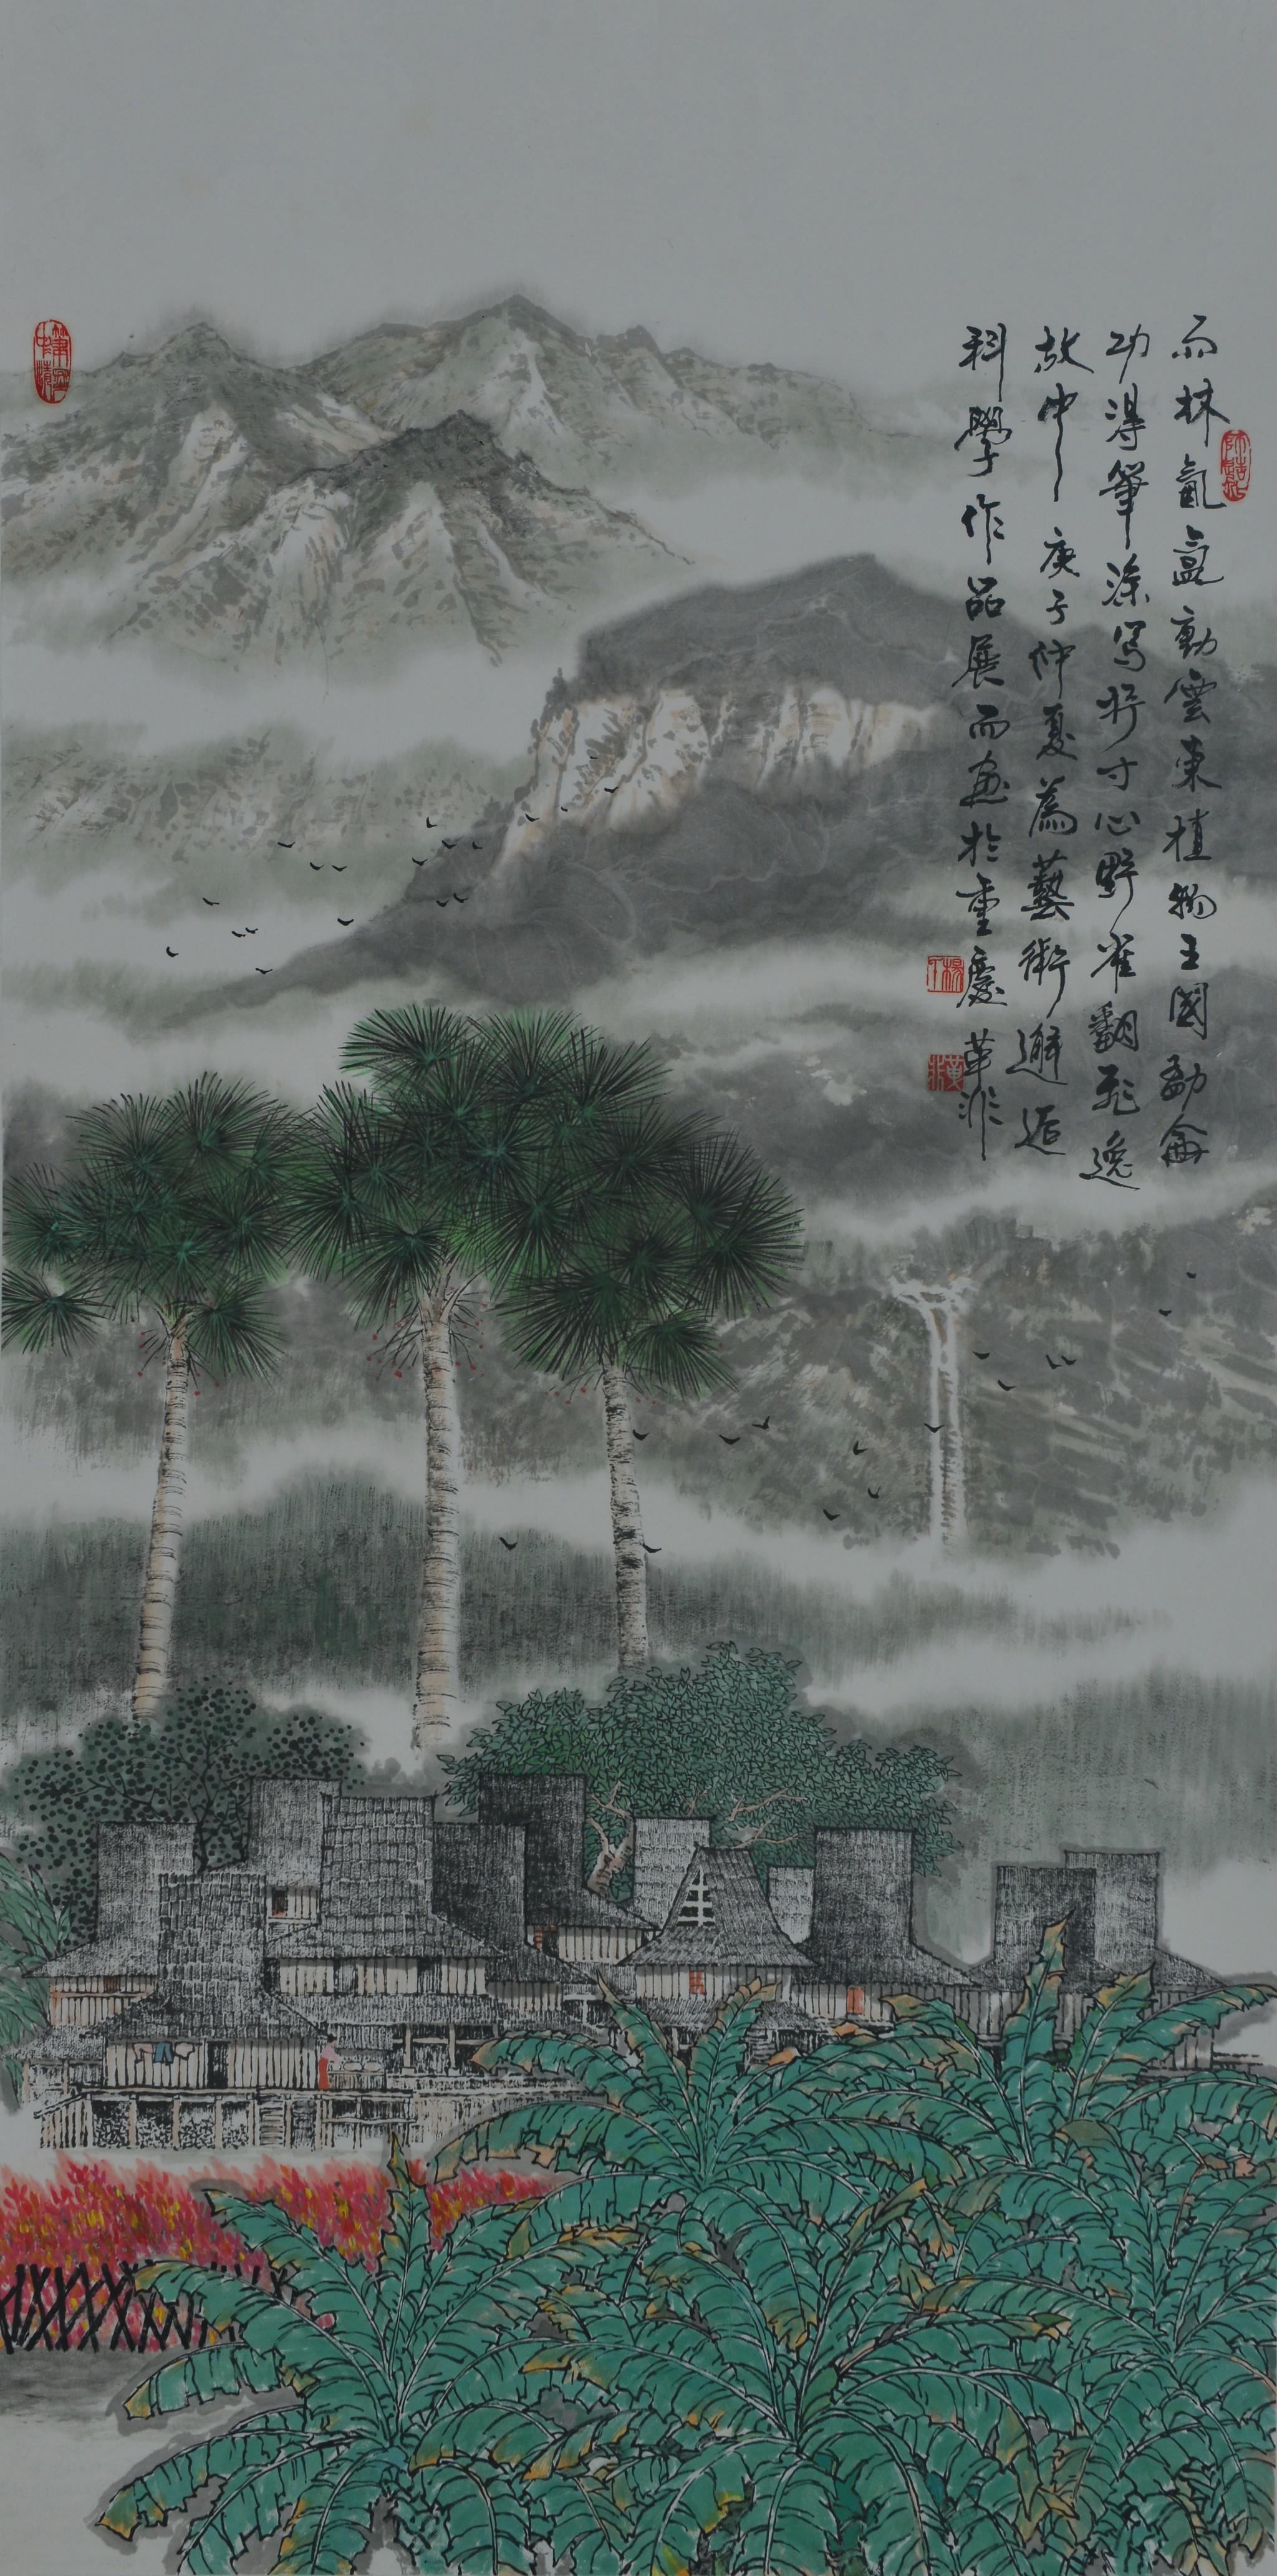 36《雨林氤氲》杨革非